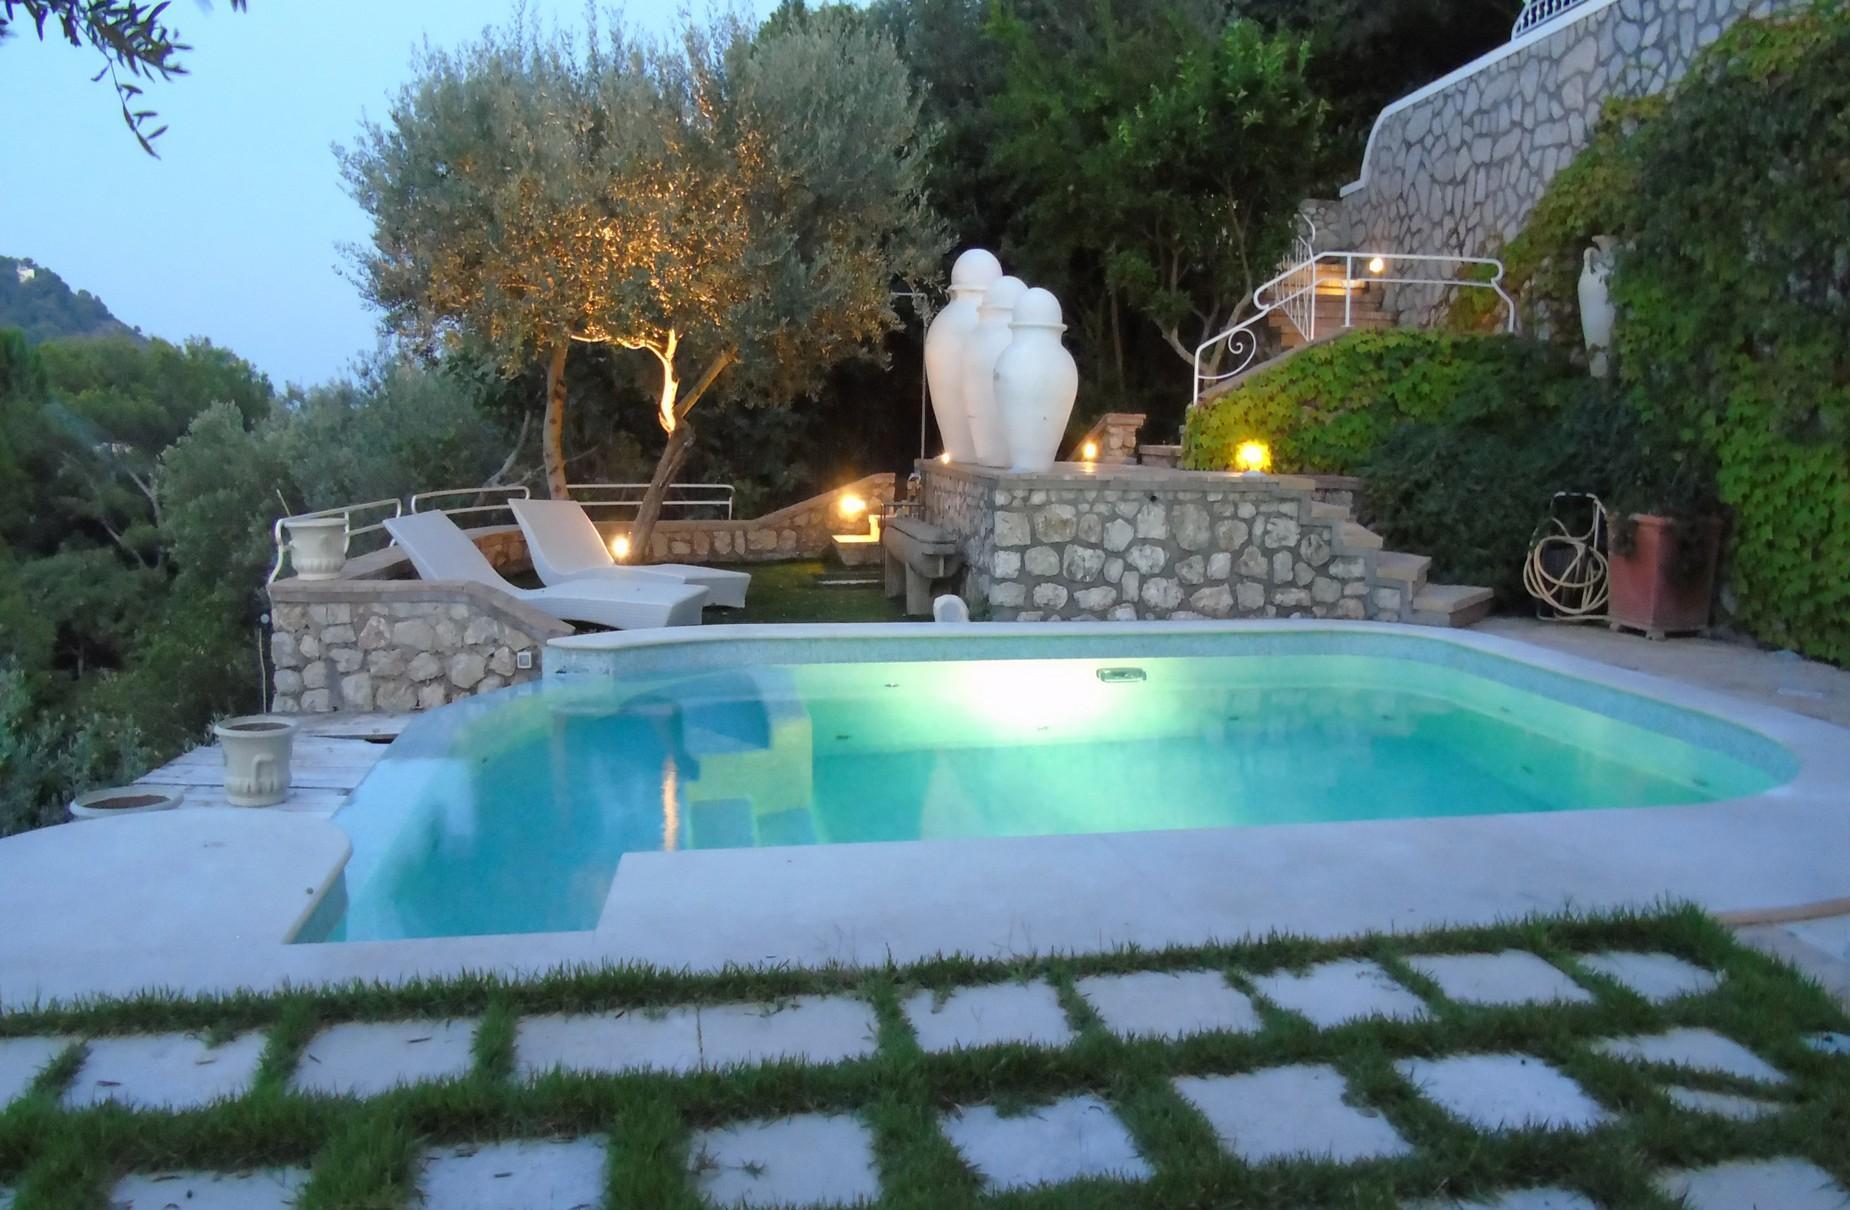 Очаровательная вилла с панорамным бассейном в центре легендарного острова Капри, Италия - 9